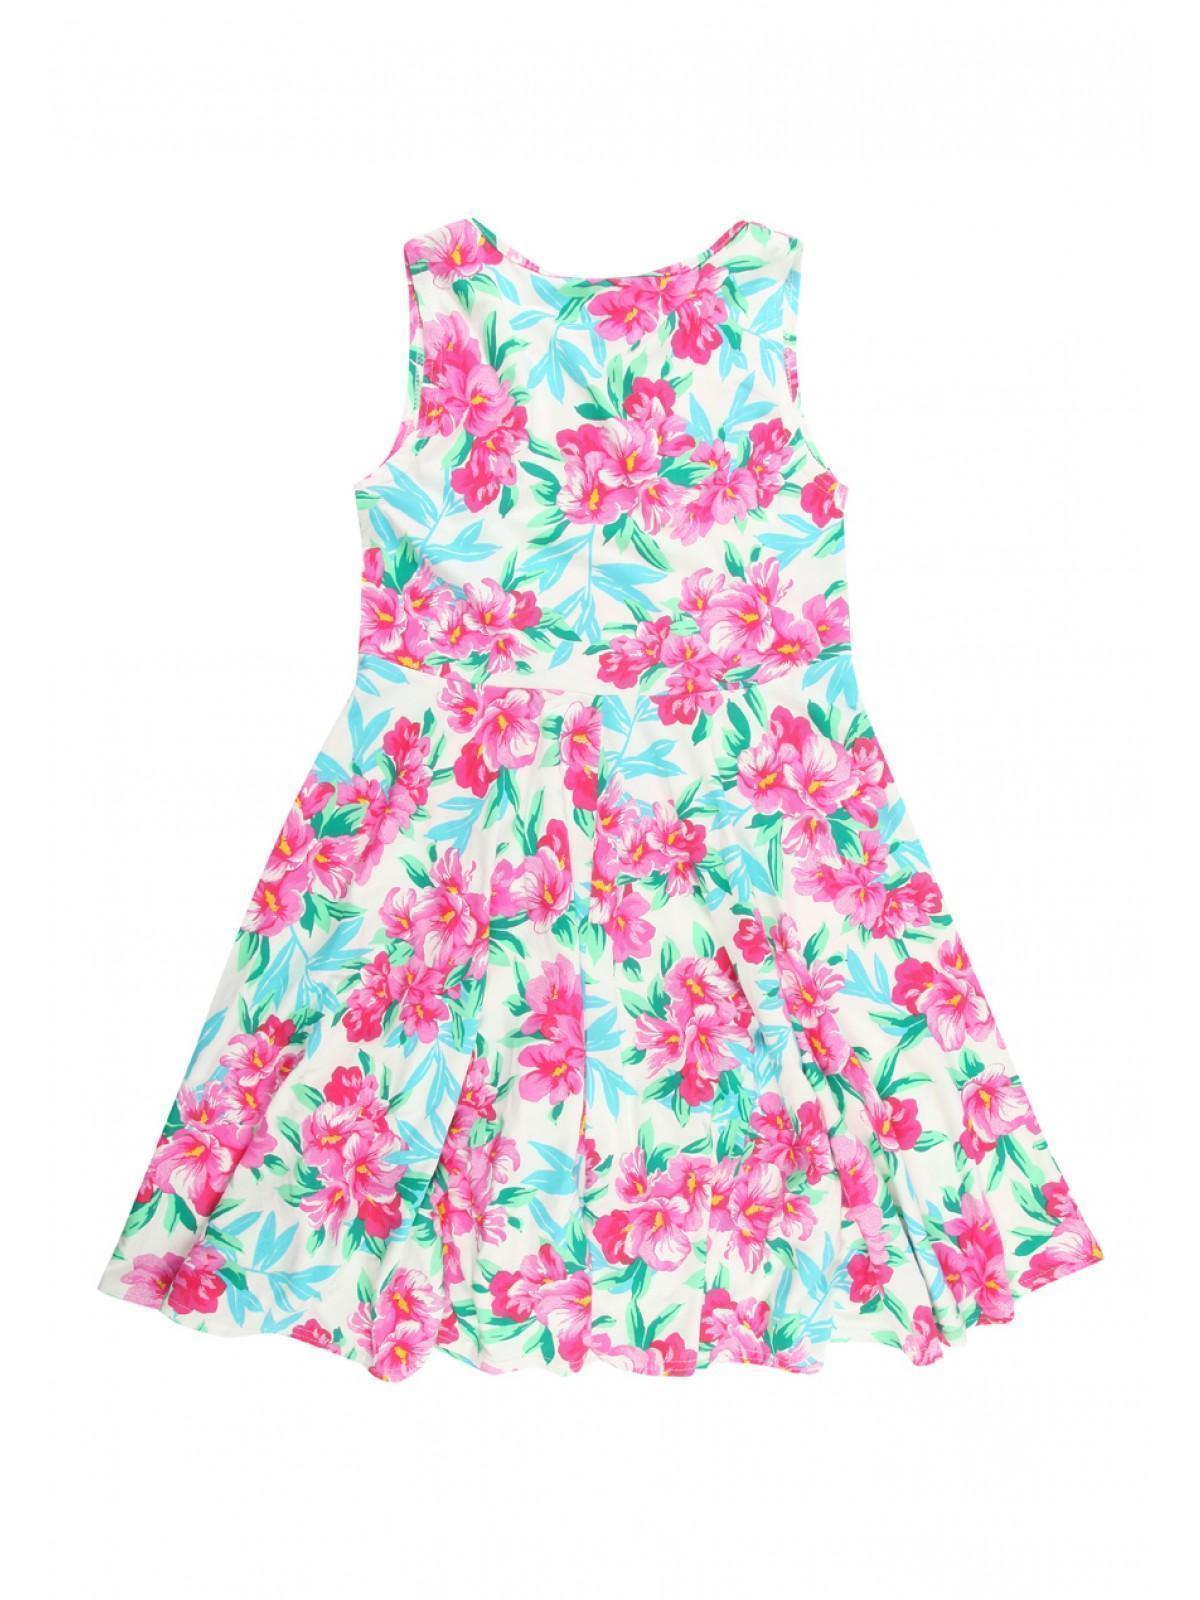 Girls summer dresses cheap